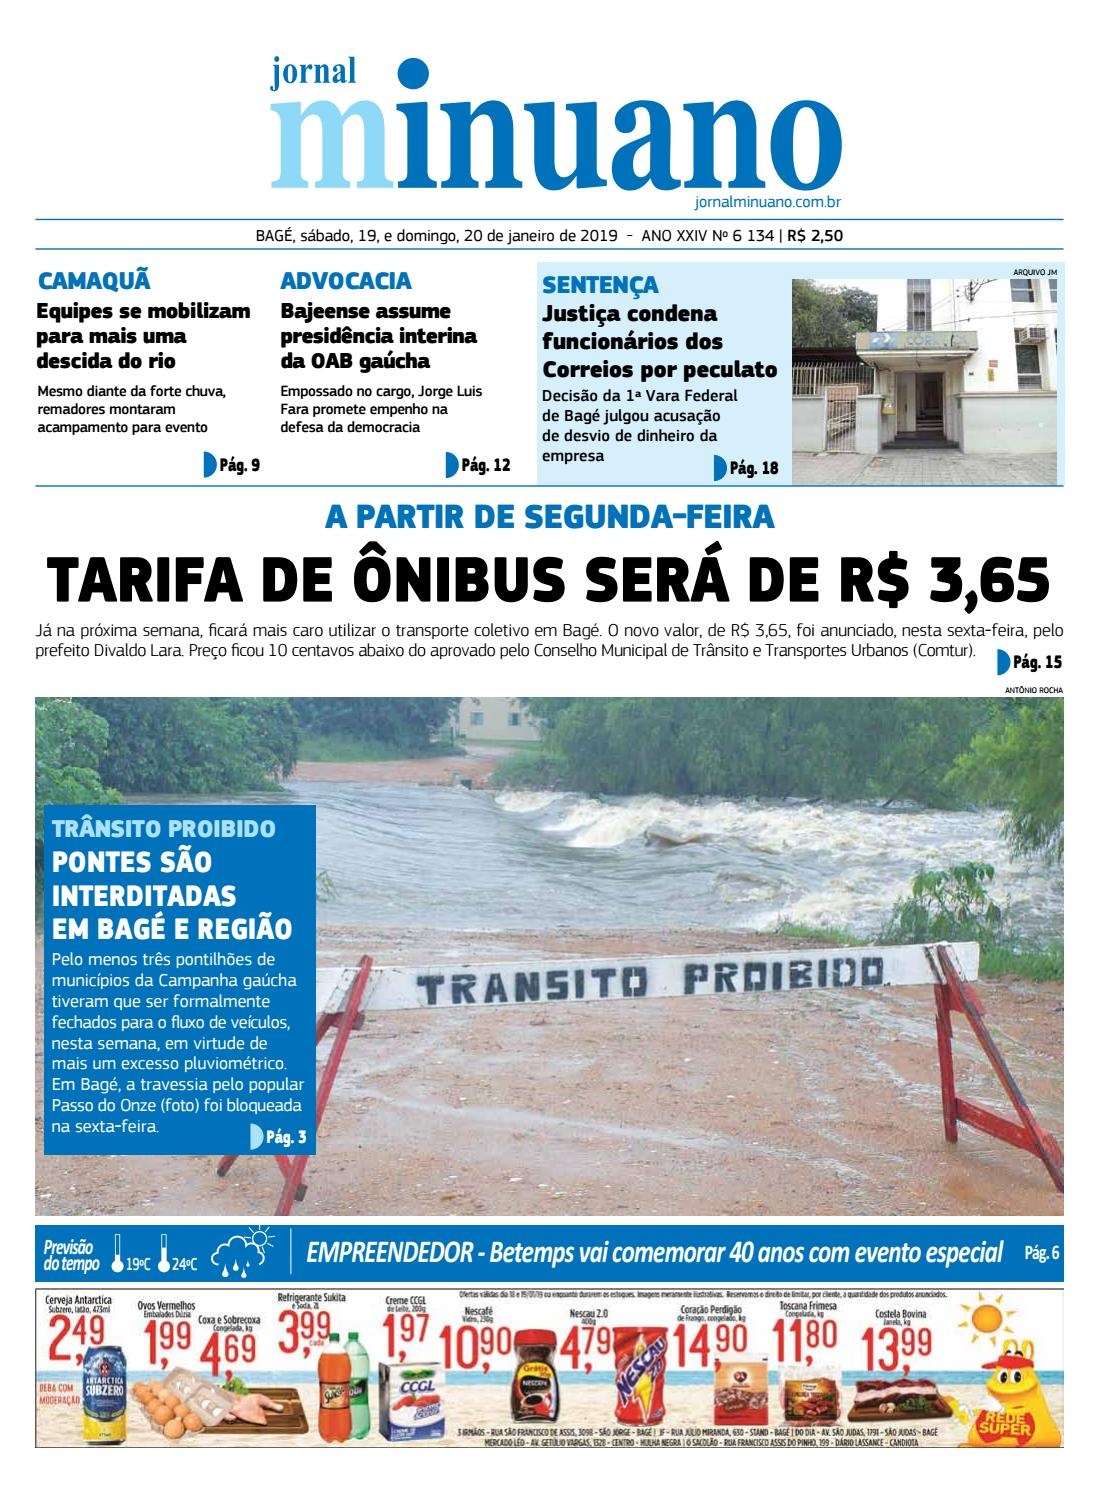 527f47e01b 20190119 by Jornal Minuano - issuu